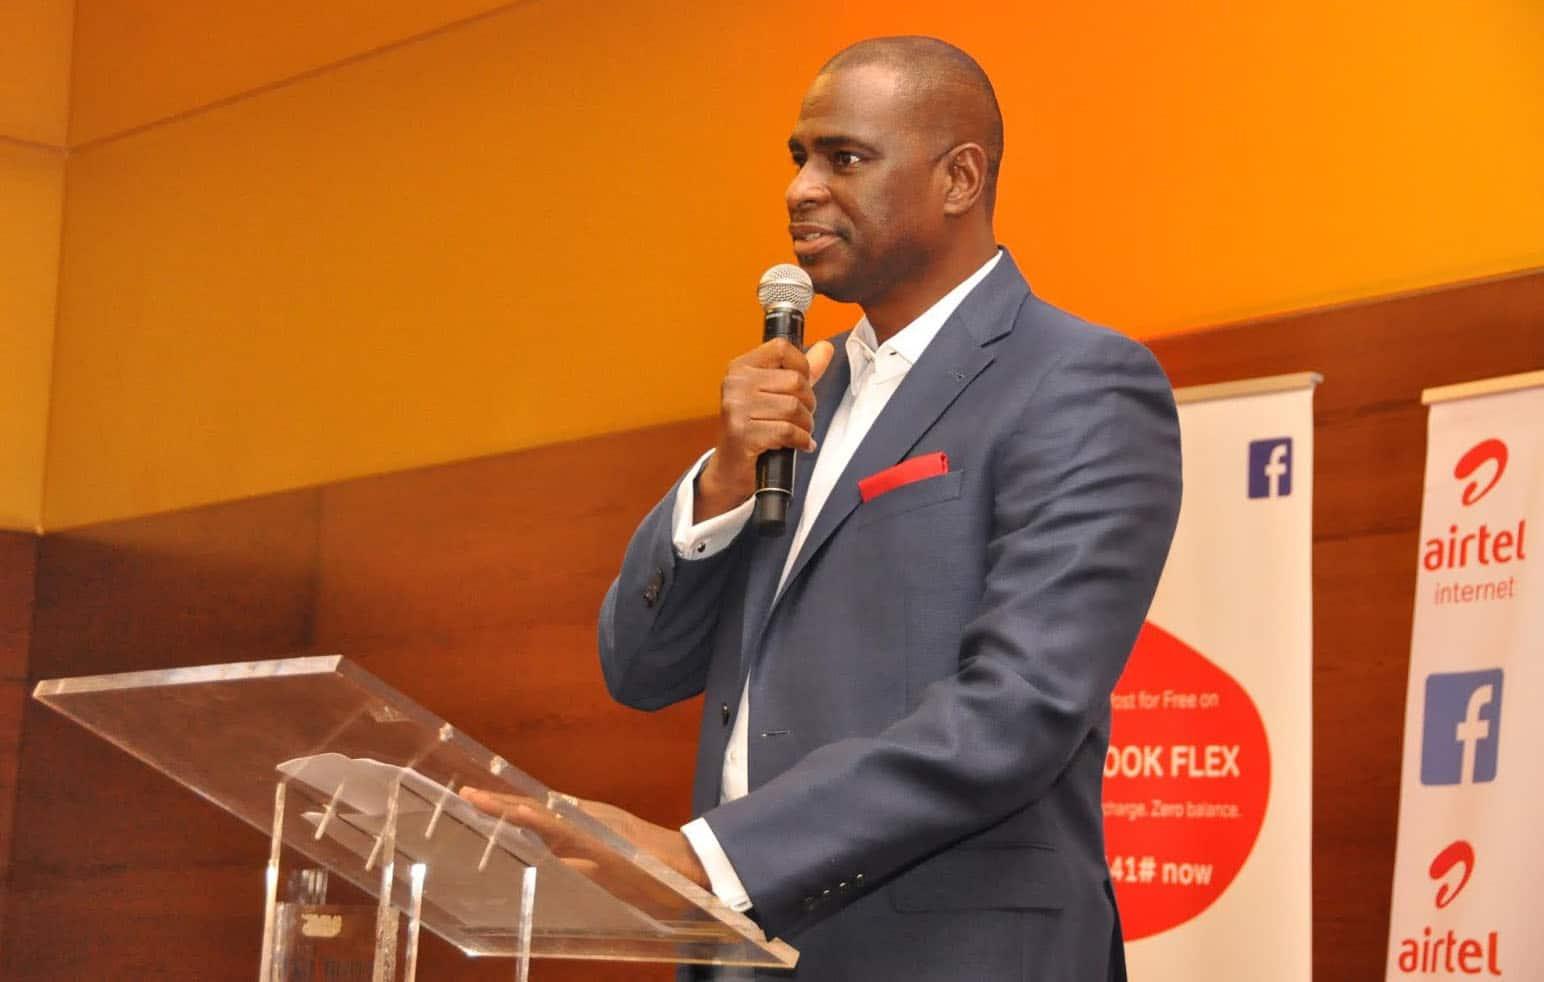 Airtel Africa appoints Segun Ogunsanya as new CEO